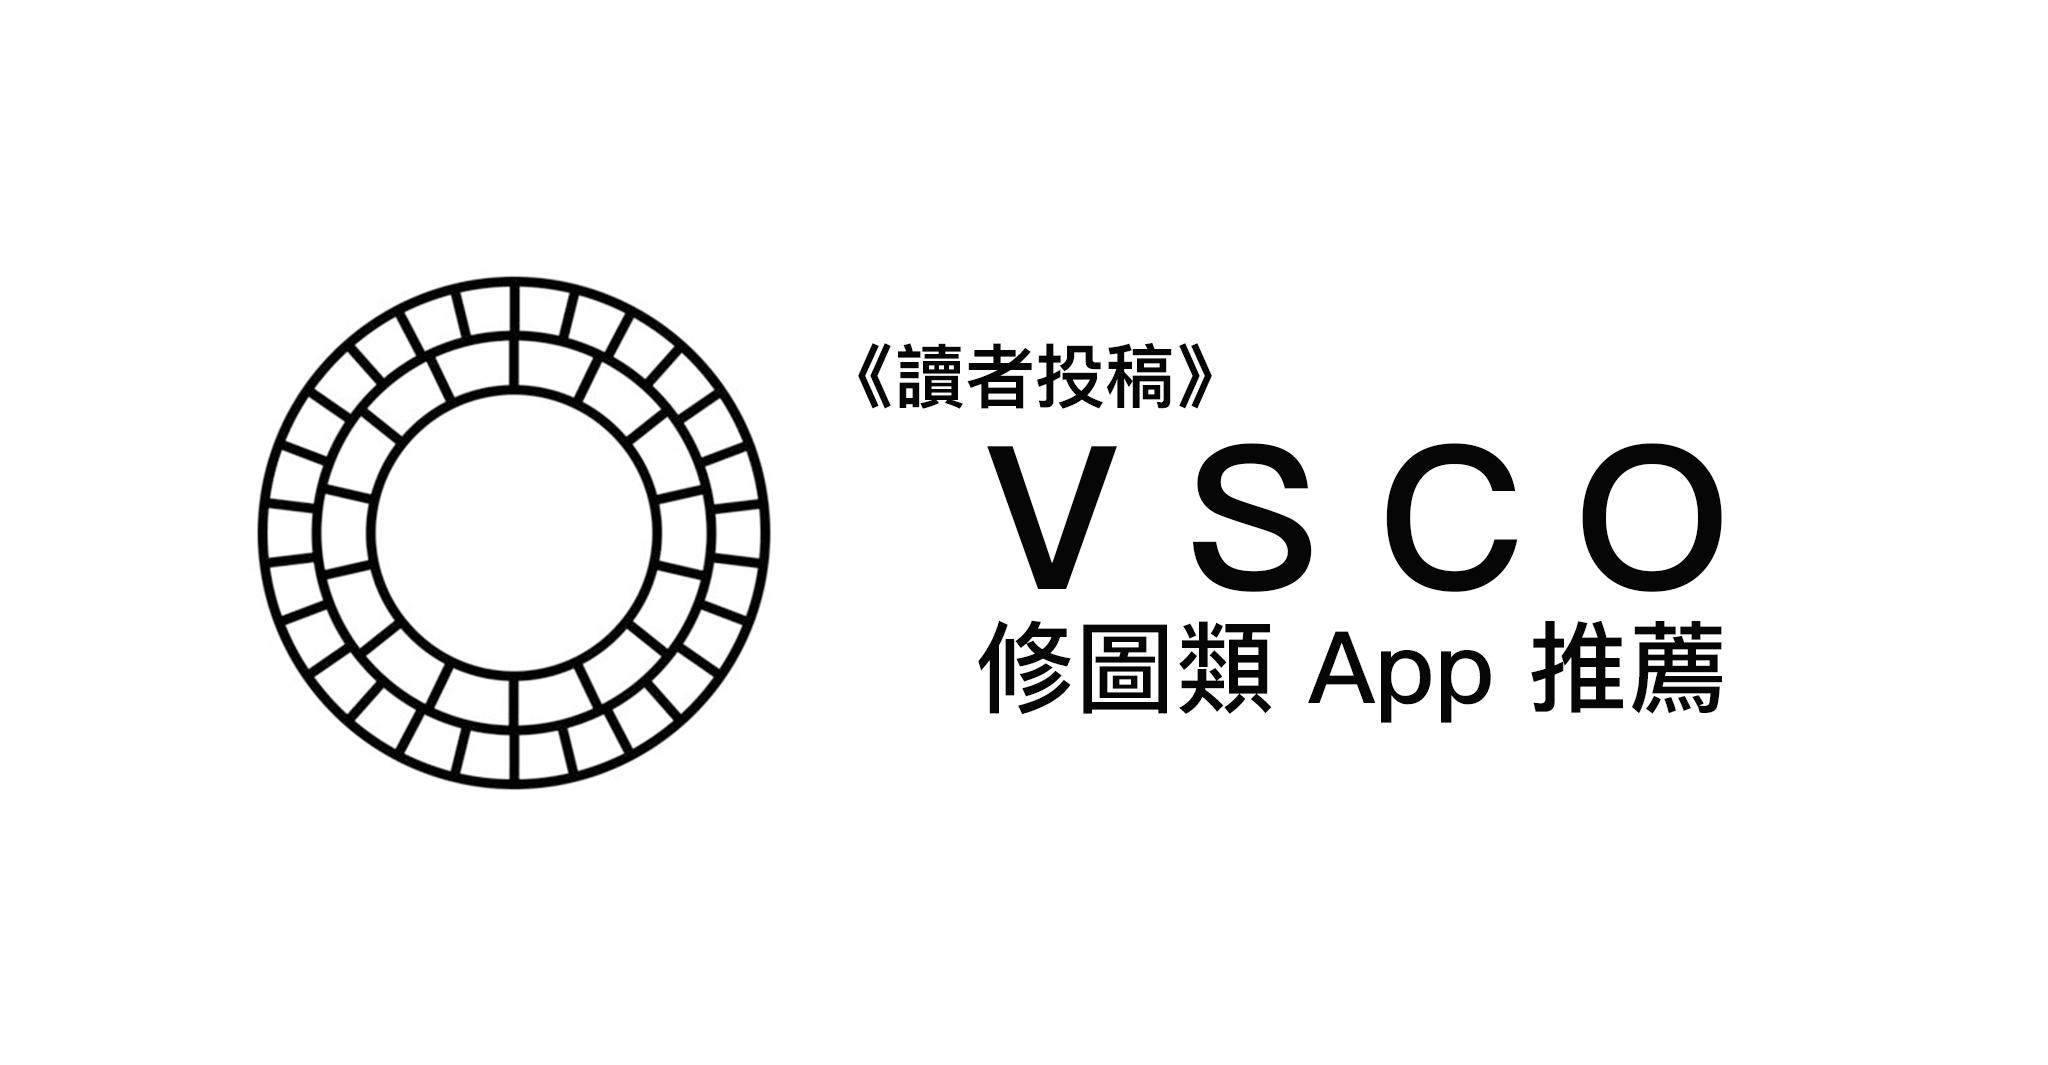 《讀者投稿》VSCO - 修圖類 App 推薦